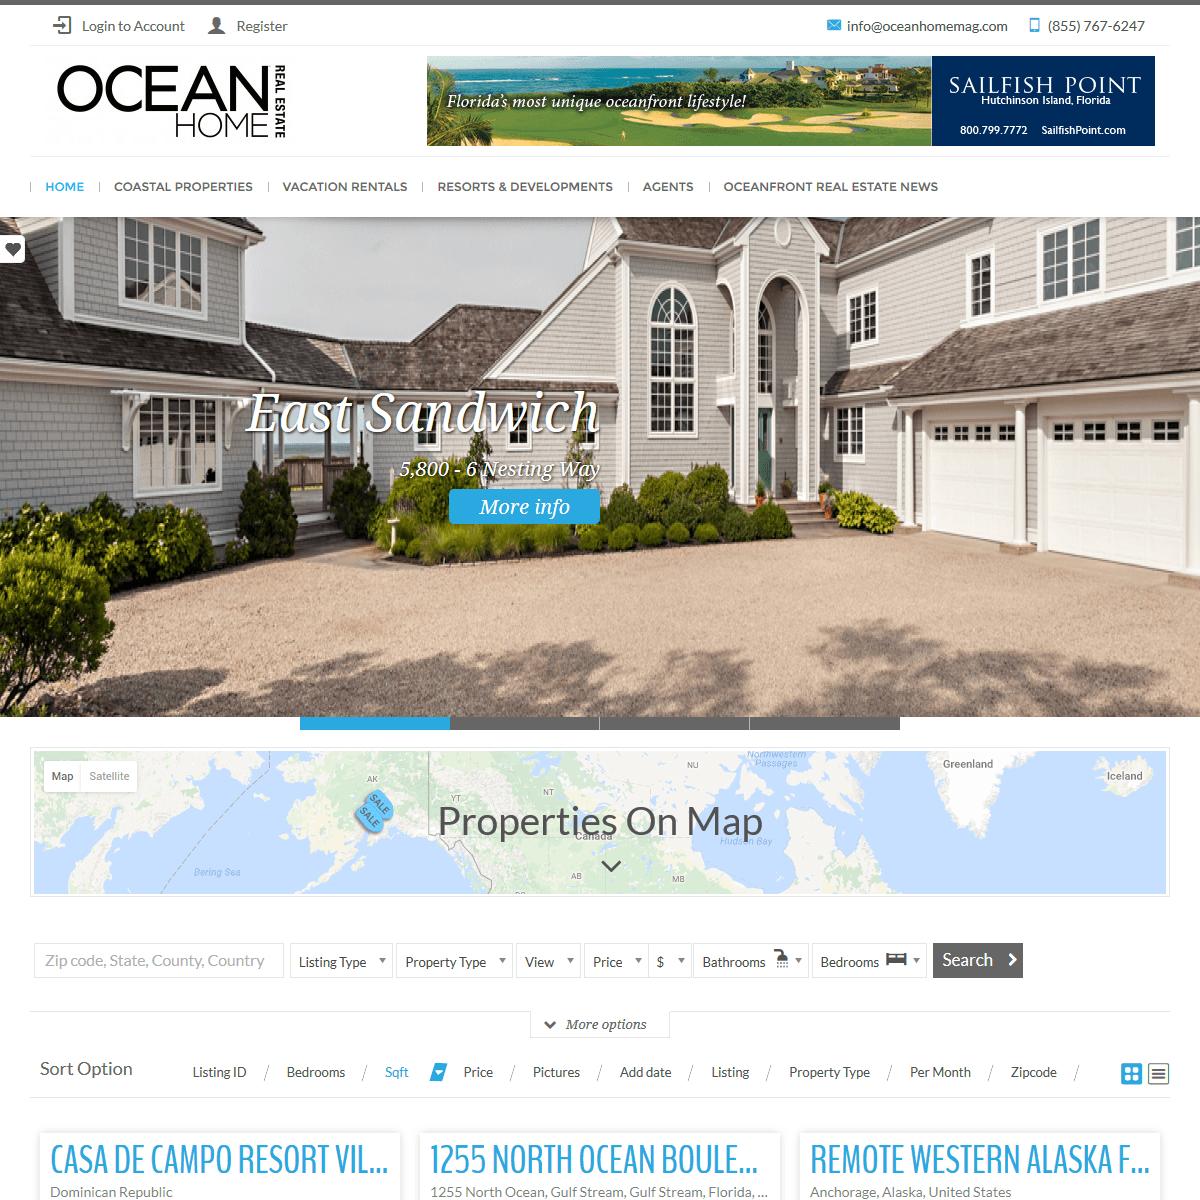 oceanhomemag.com